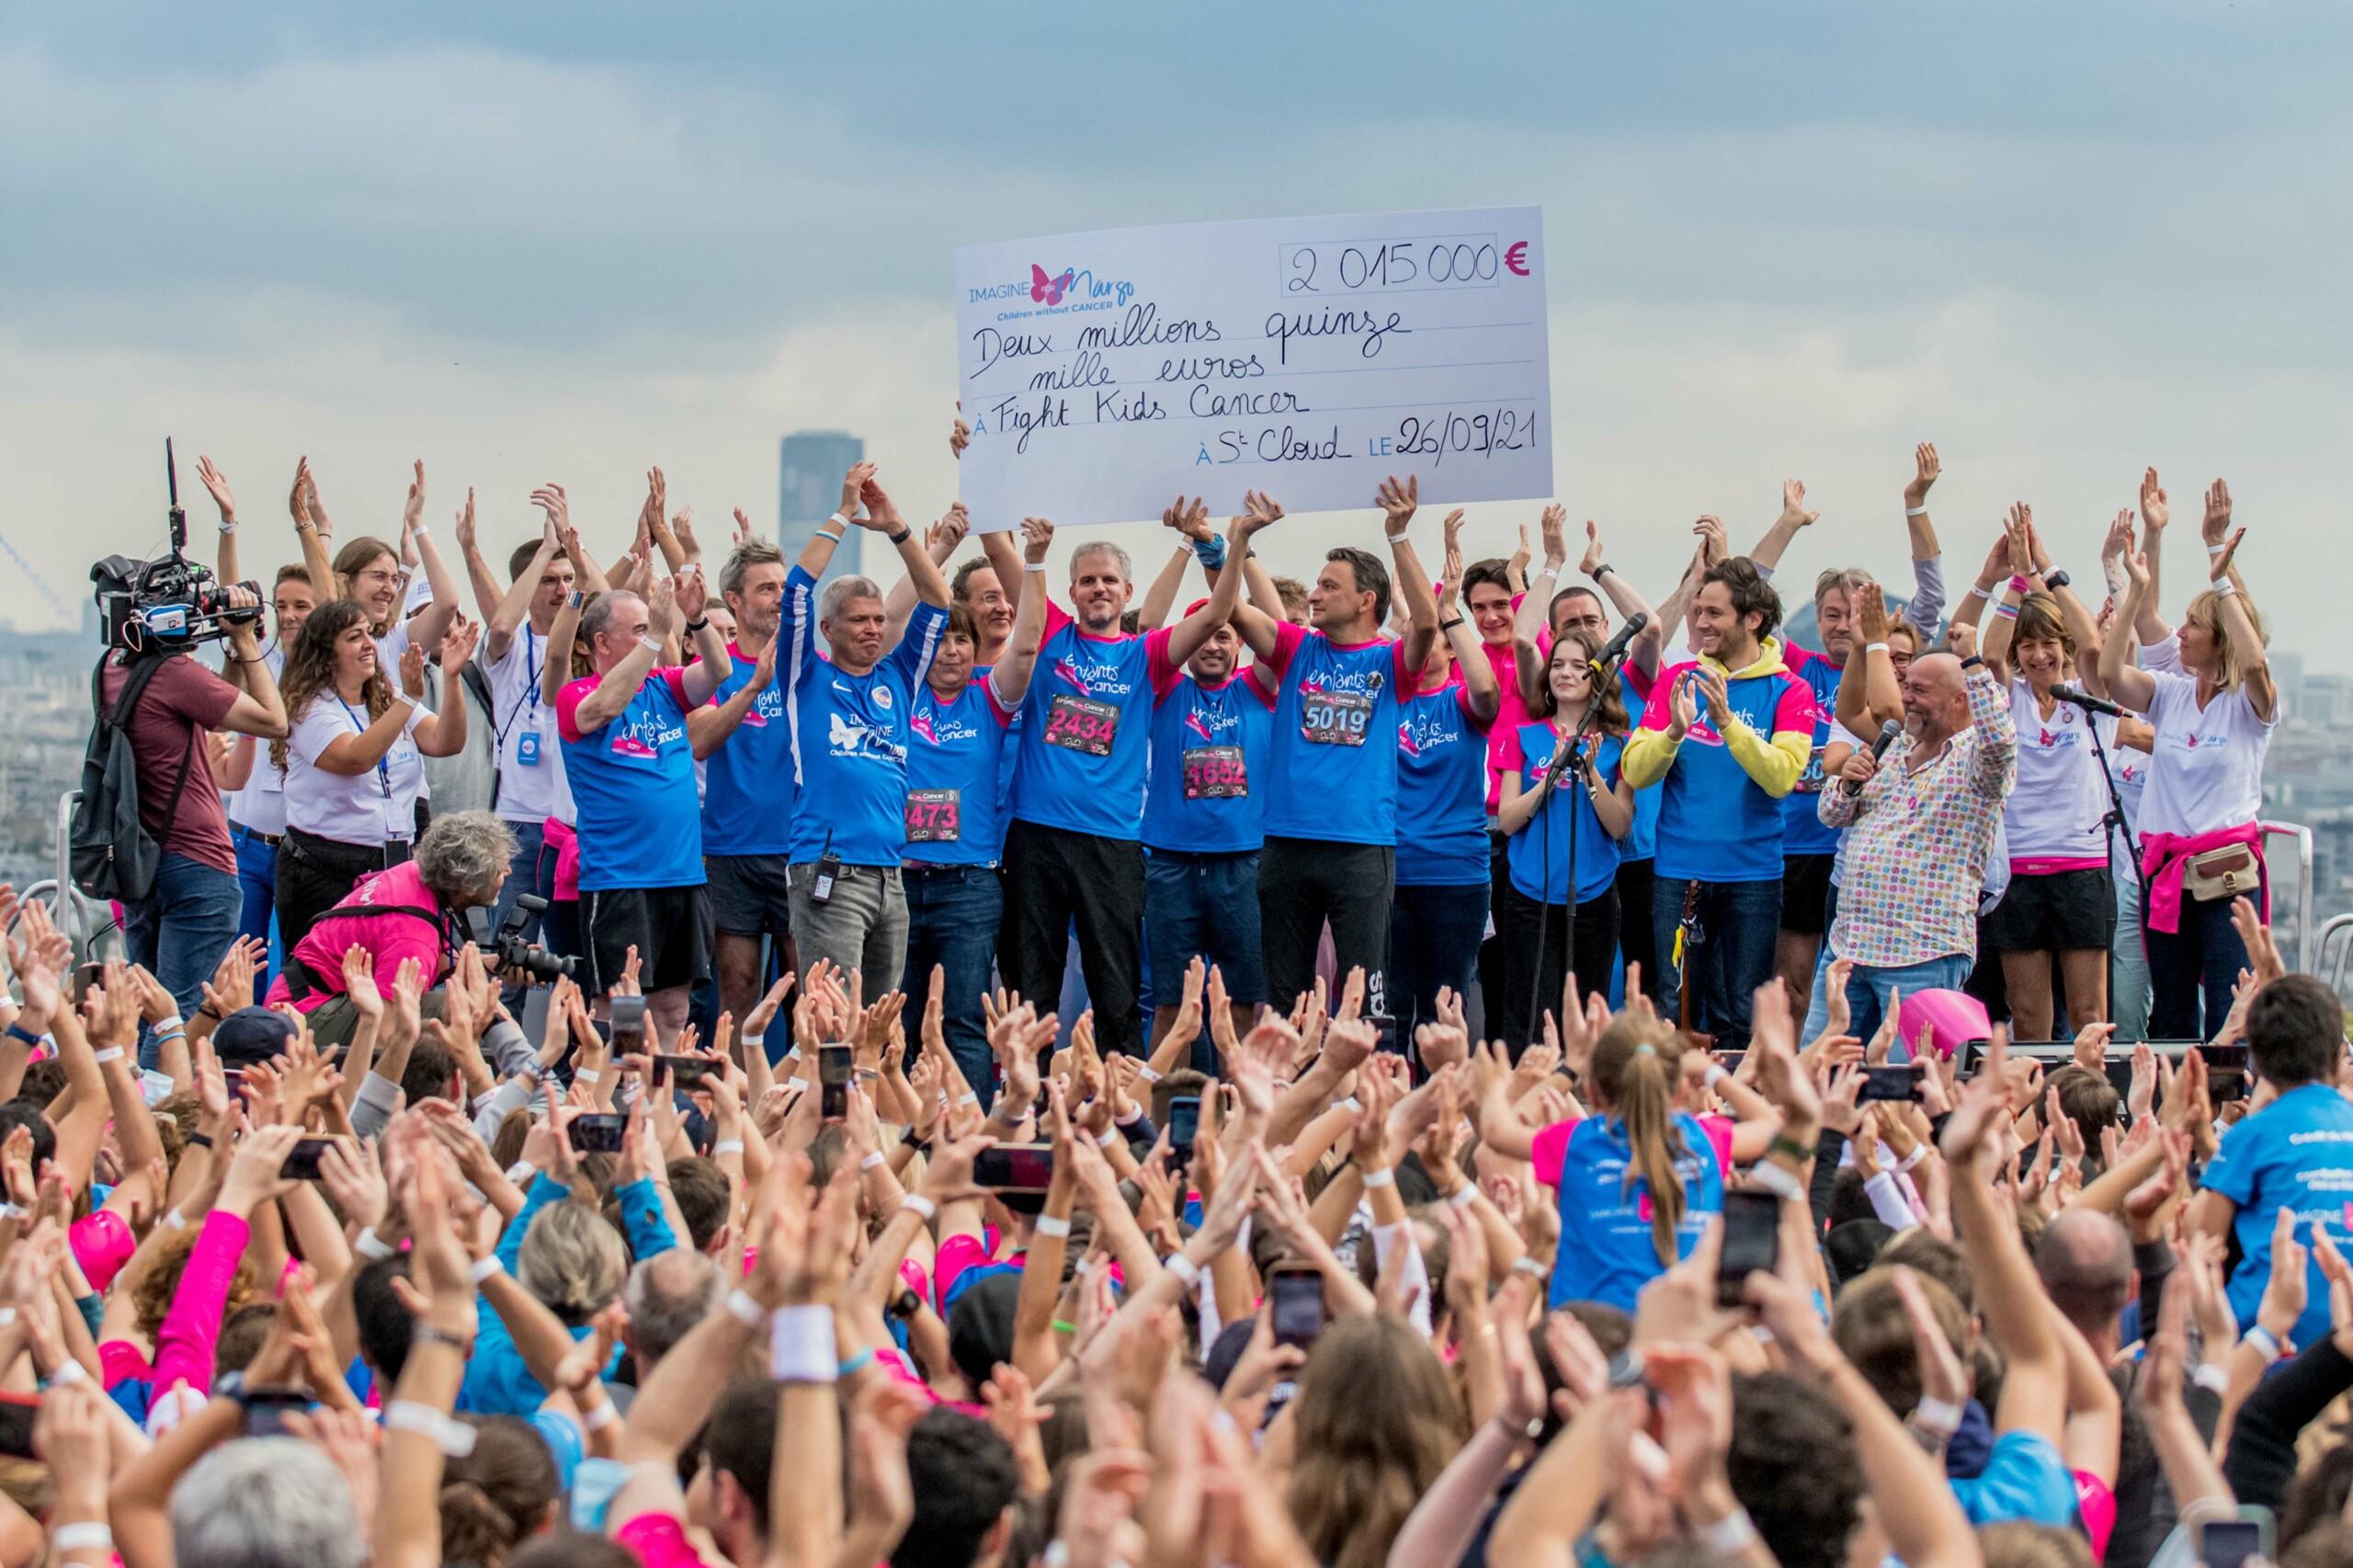 Plus de 2 millions d'euros collectés pour la recherche à l'occasion de la 10e édition de la course Enfants sans Cancer